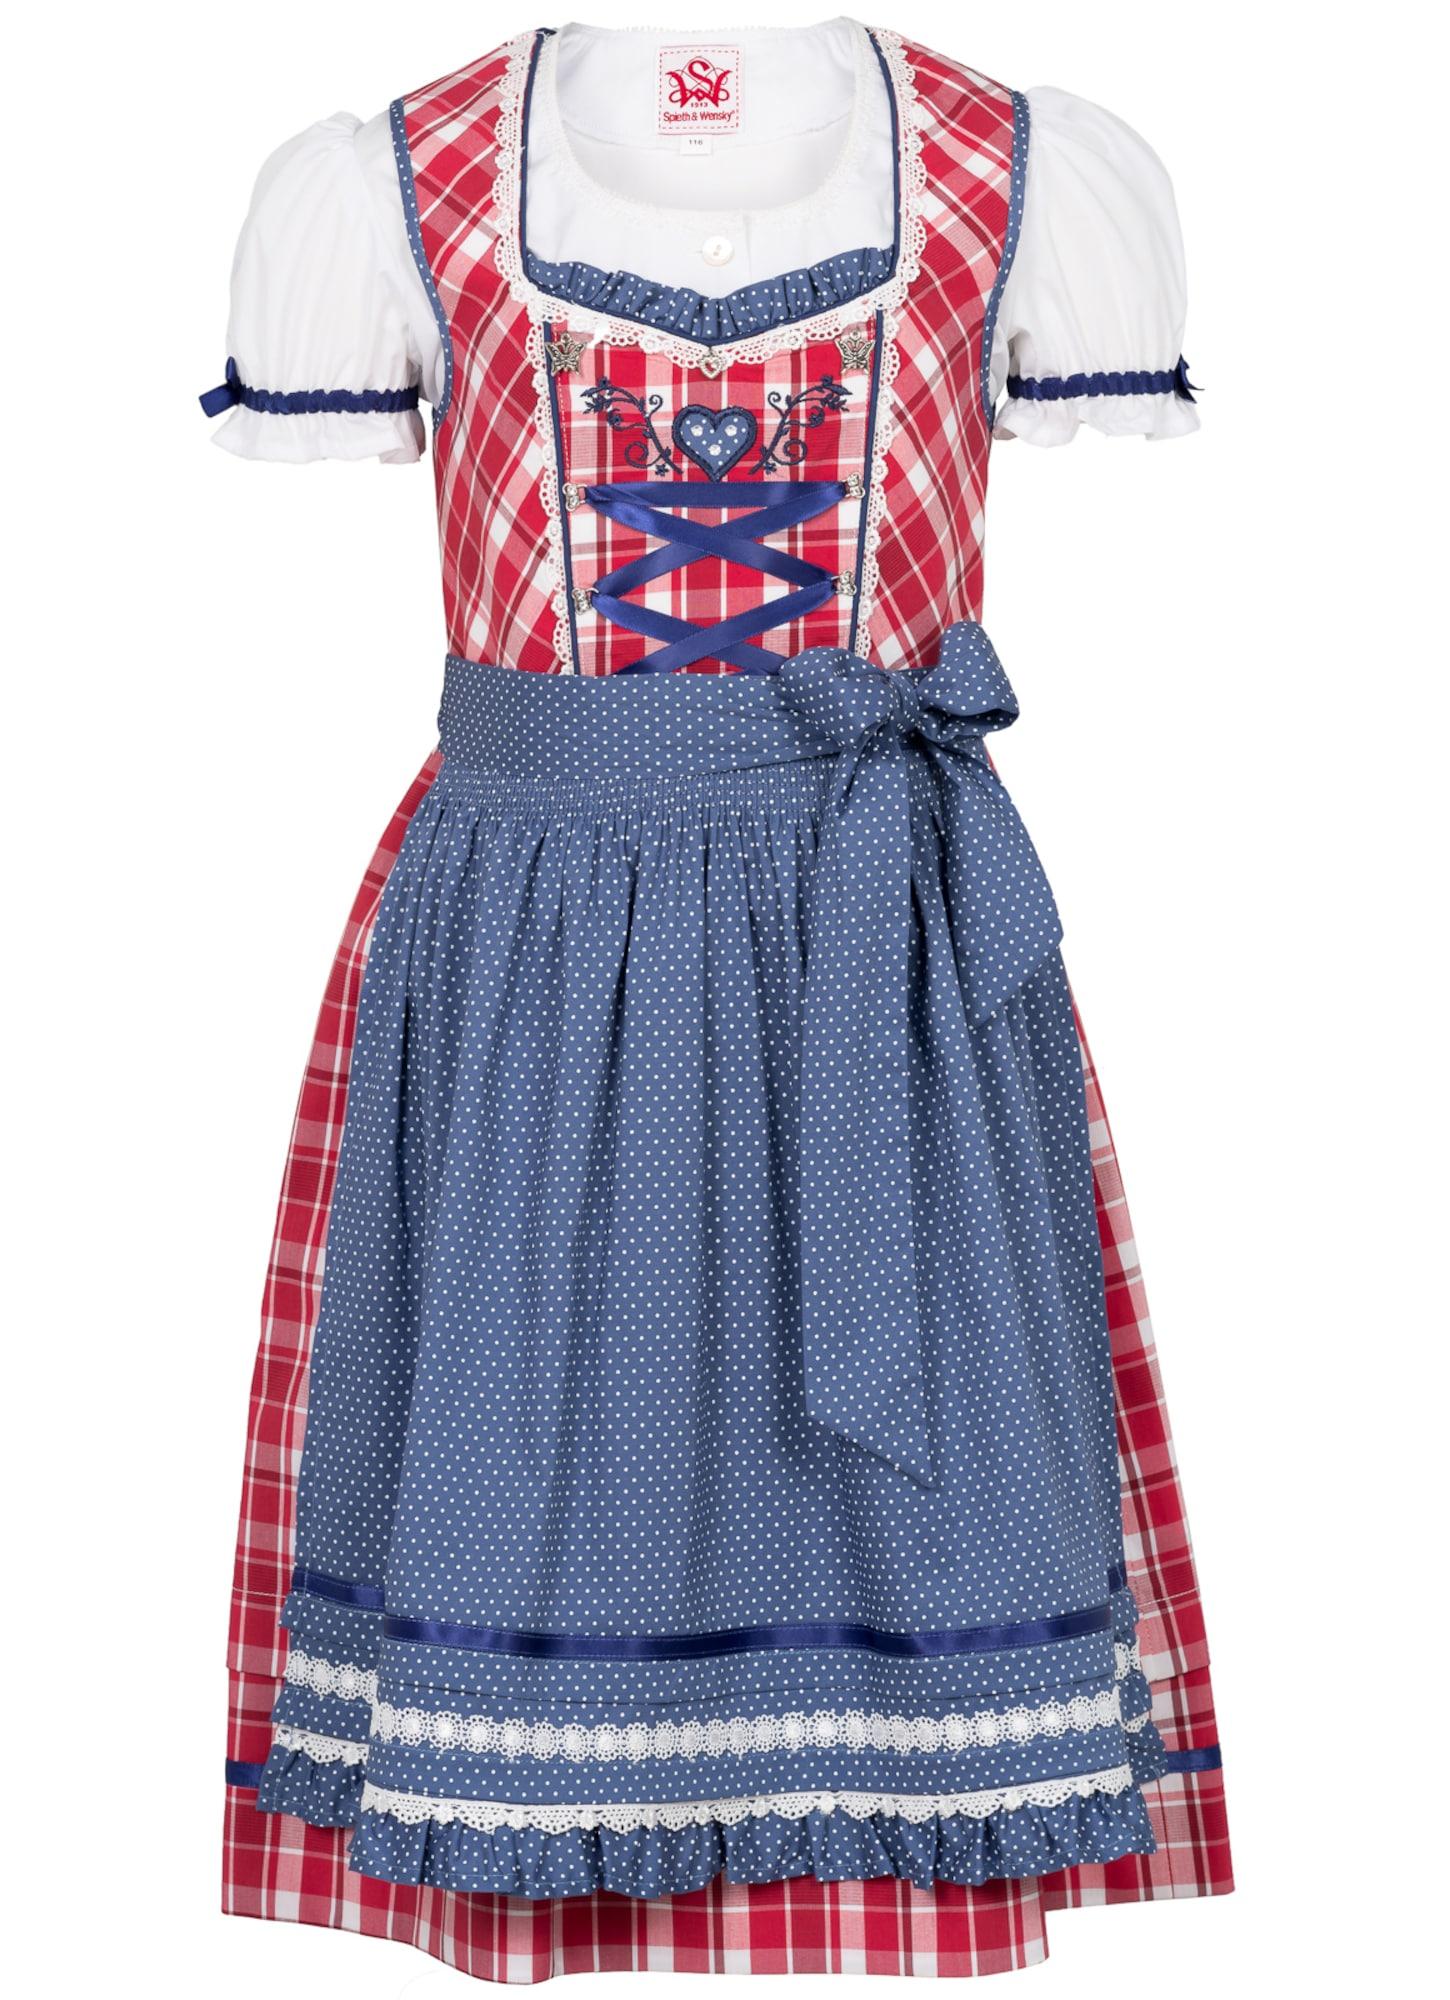 Kinder,  Mädchen,  Kinder SPIETH & WENSKY Dirndl 'Gardenie' blau,  rot,  weiß | 04059829195325